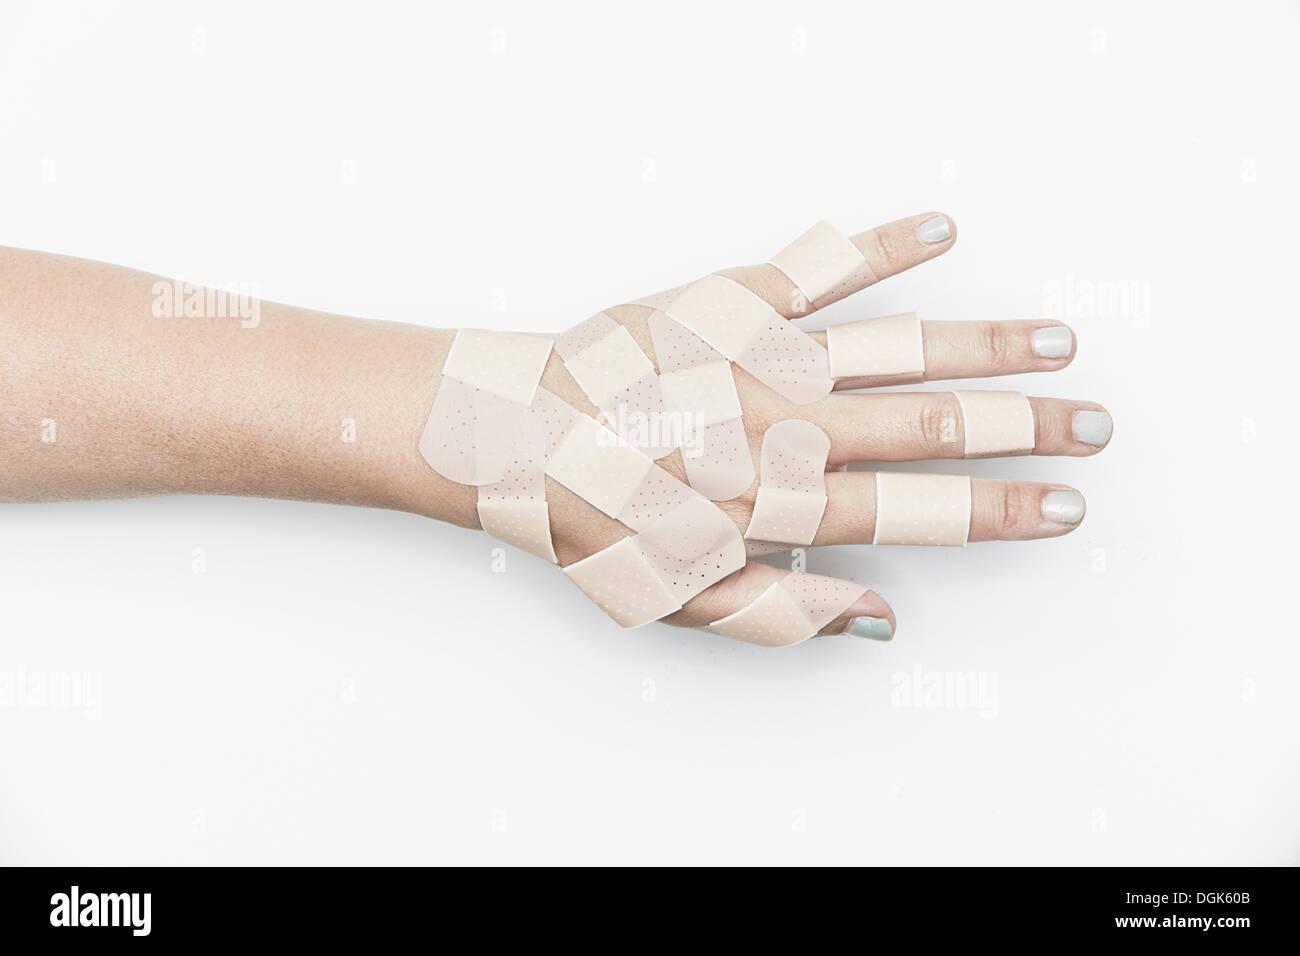 La main coupée couverte de sparadraps Photo Stock